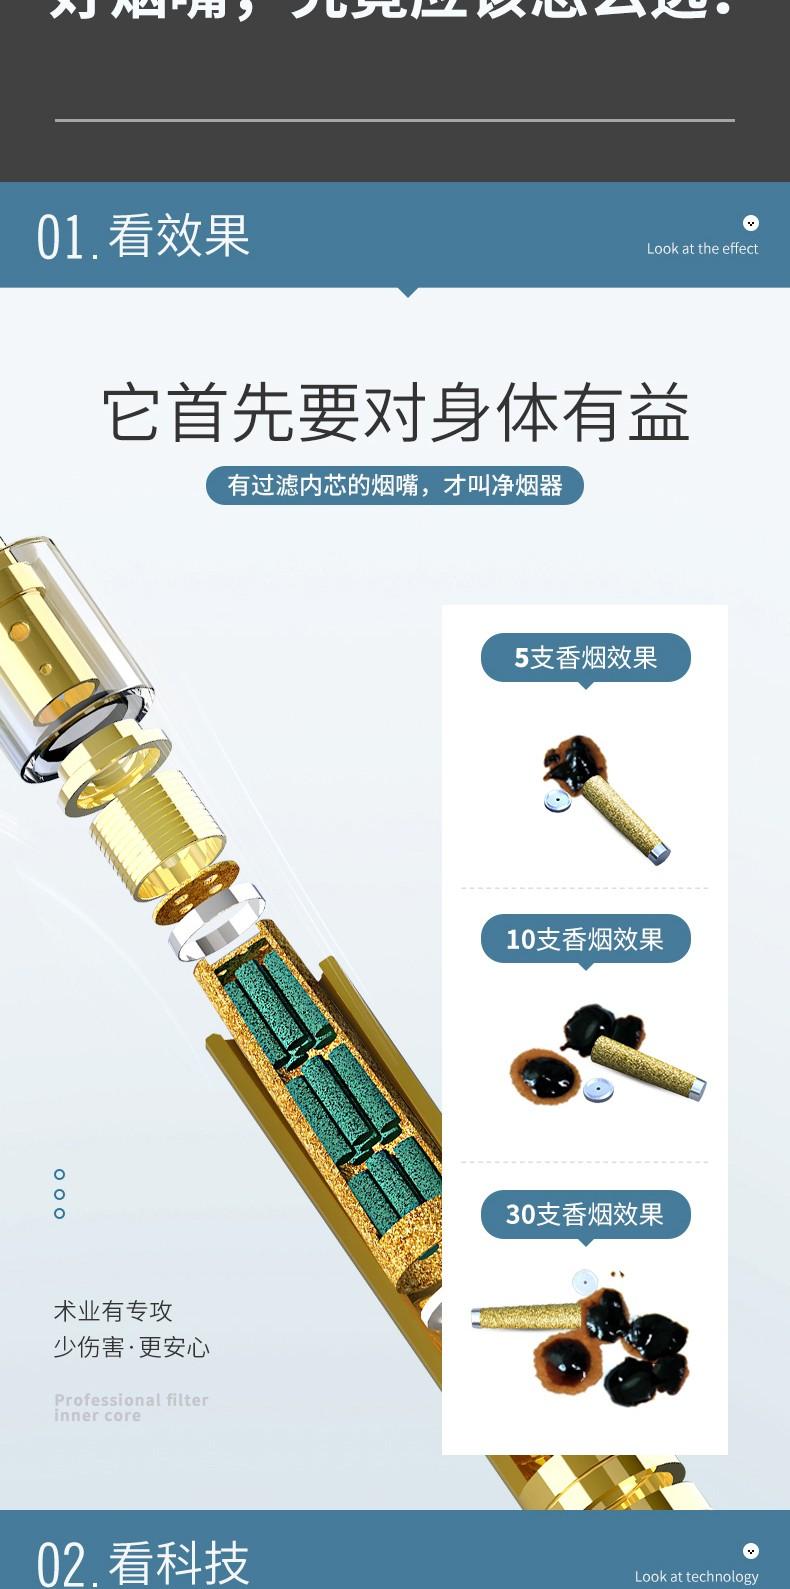 绿伞茶多酚滤芯过滤烟嘴金属净烟器清理肺毒辅助减烟微孔双过滤烟嘴金色